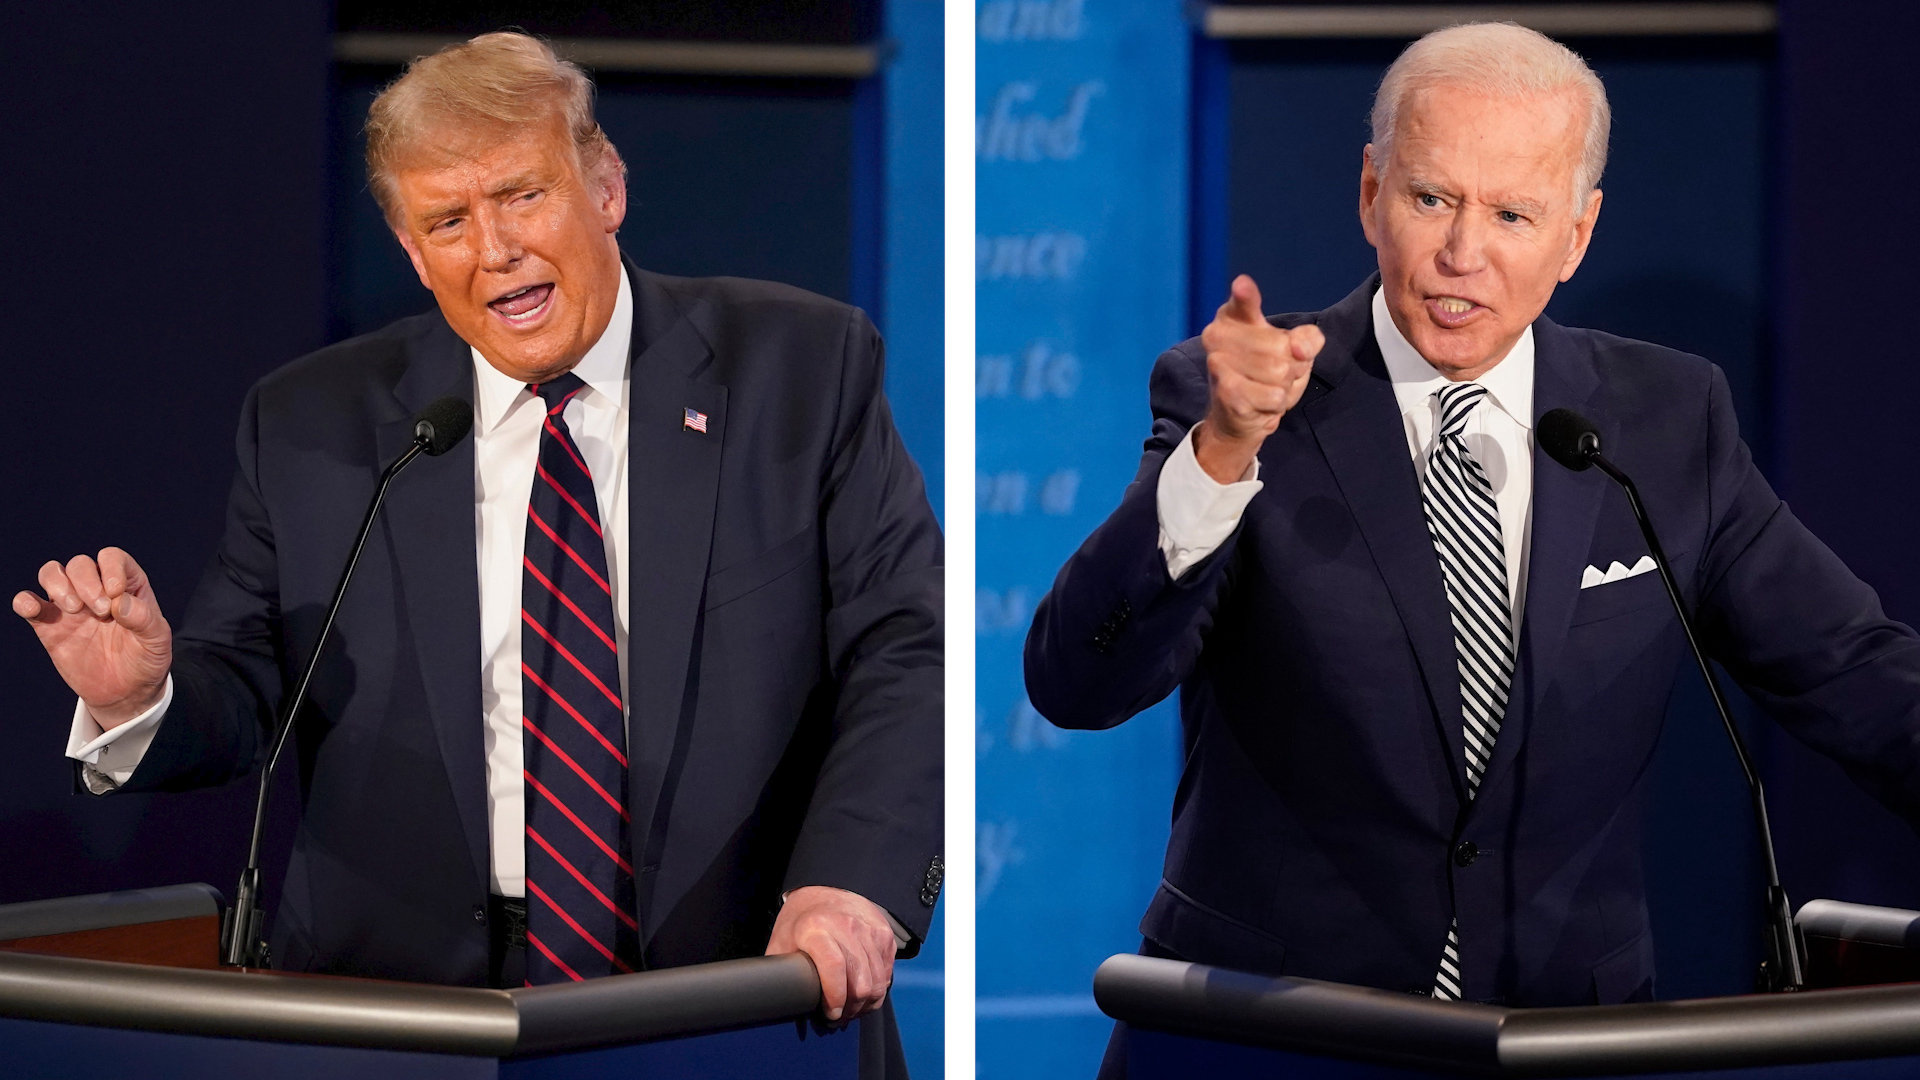 总统首场辩论致选民困惑,Google论点内容搜索量剧增